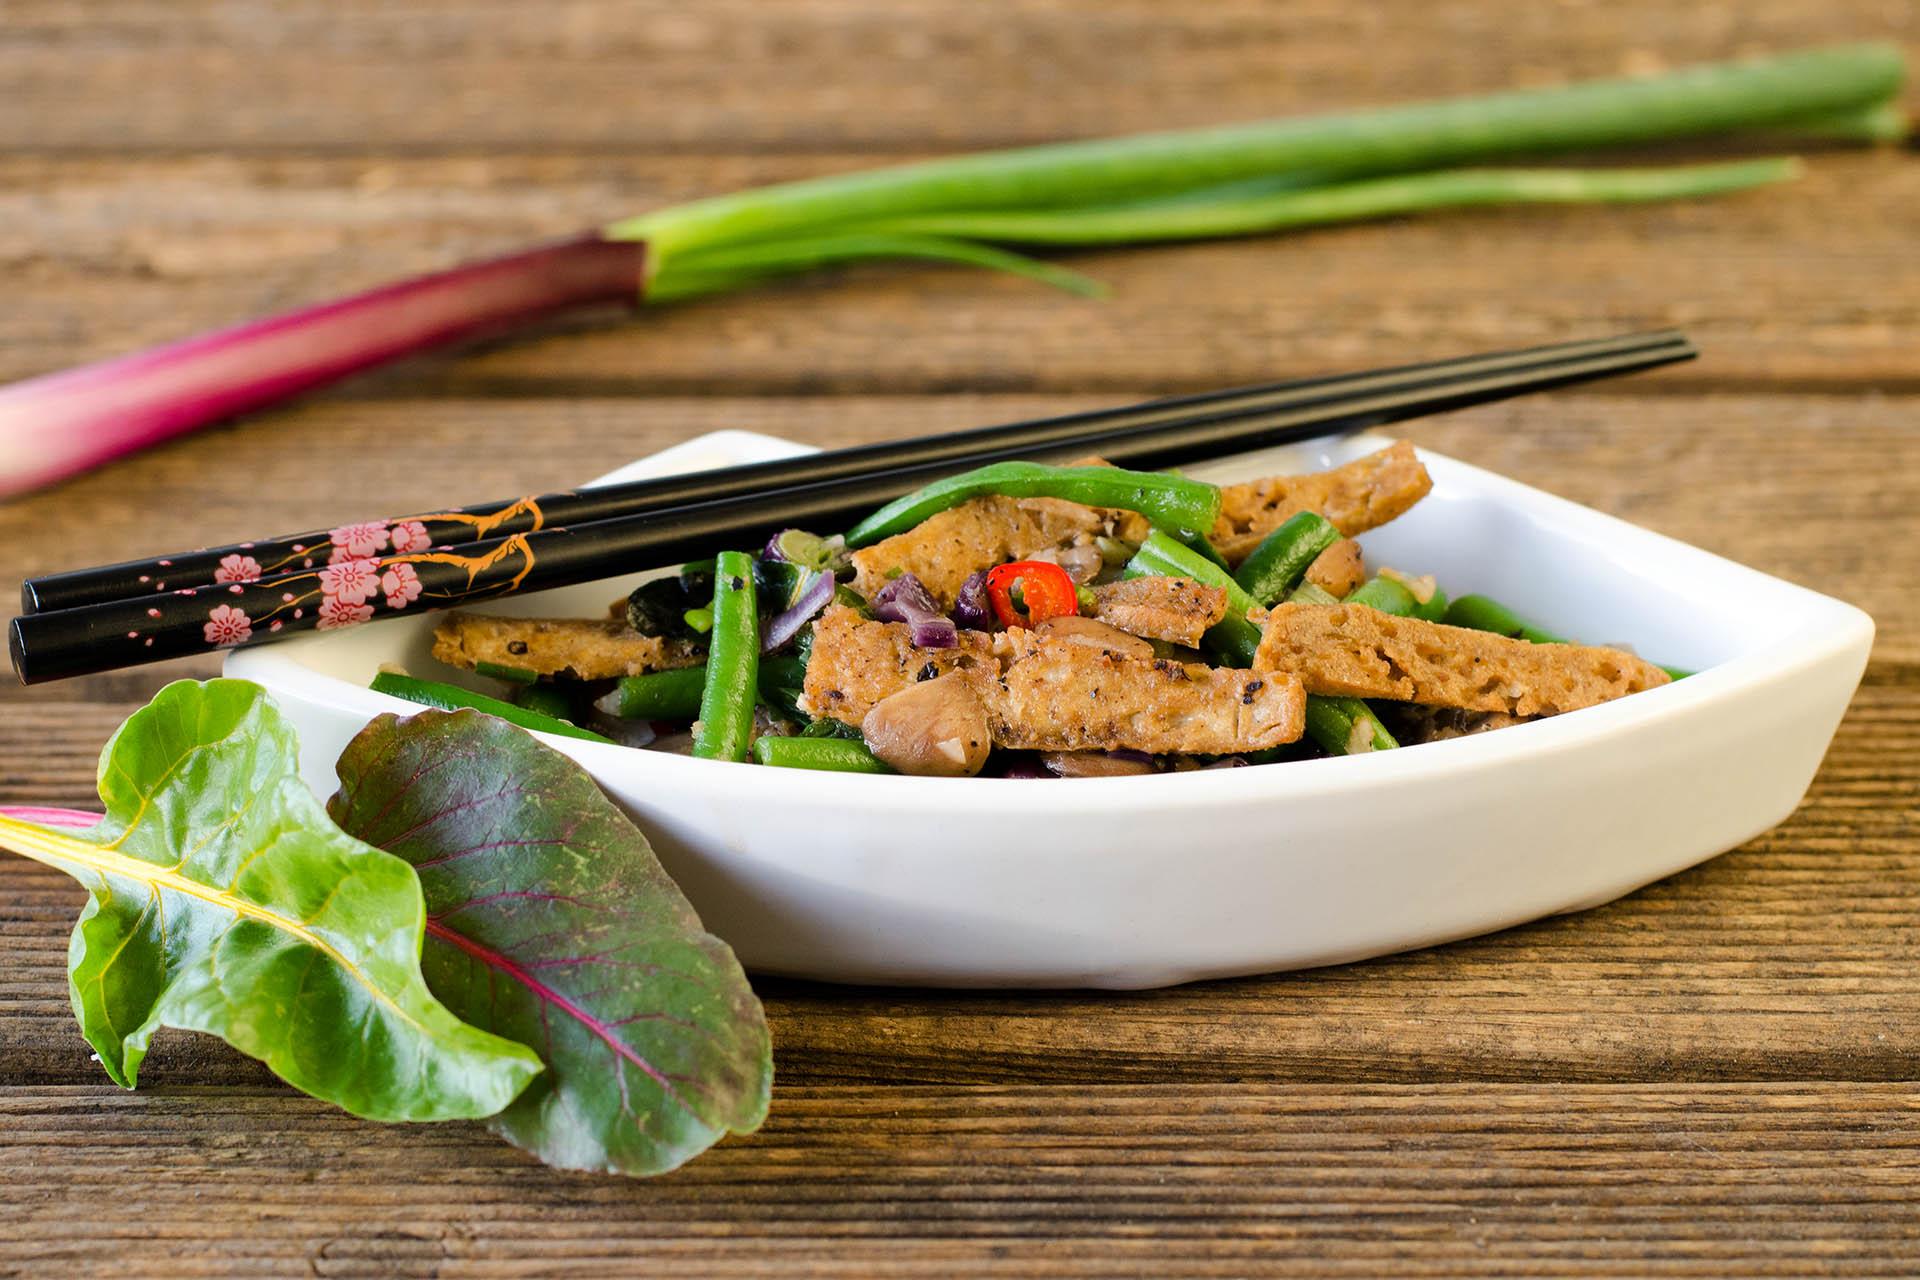 feurig scharfen grüne Bohnen mit Champignons, Tofu und Ingwer im Thai-Style